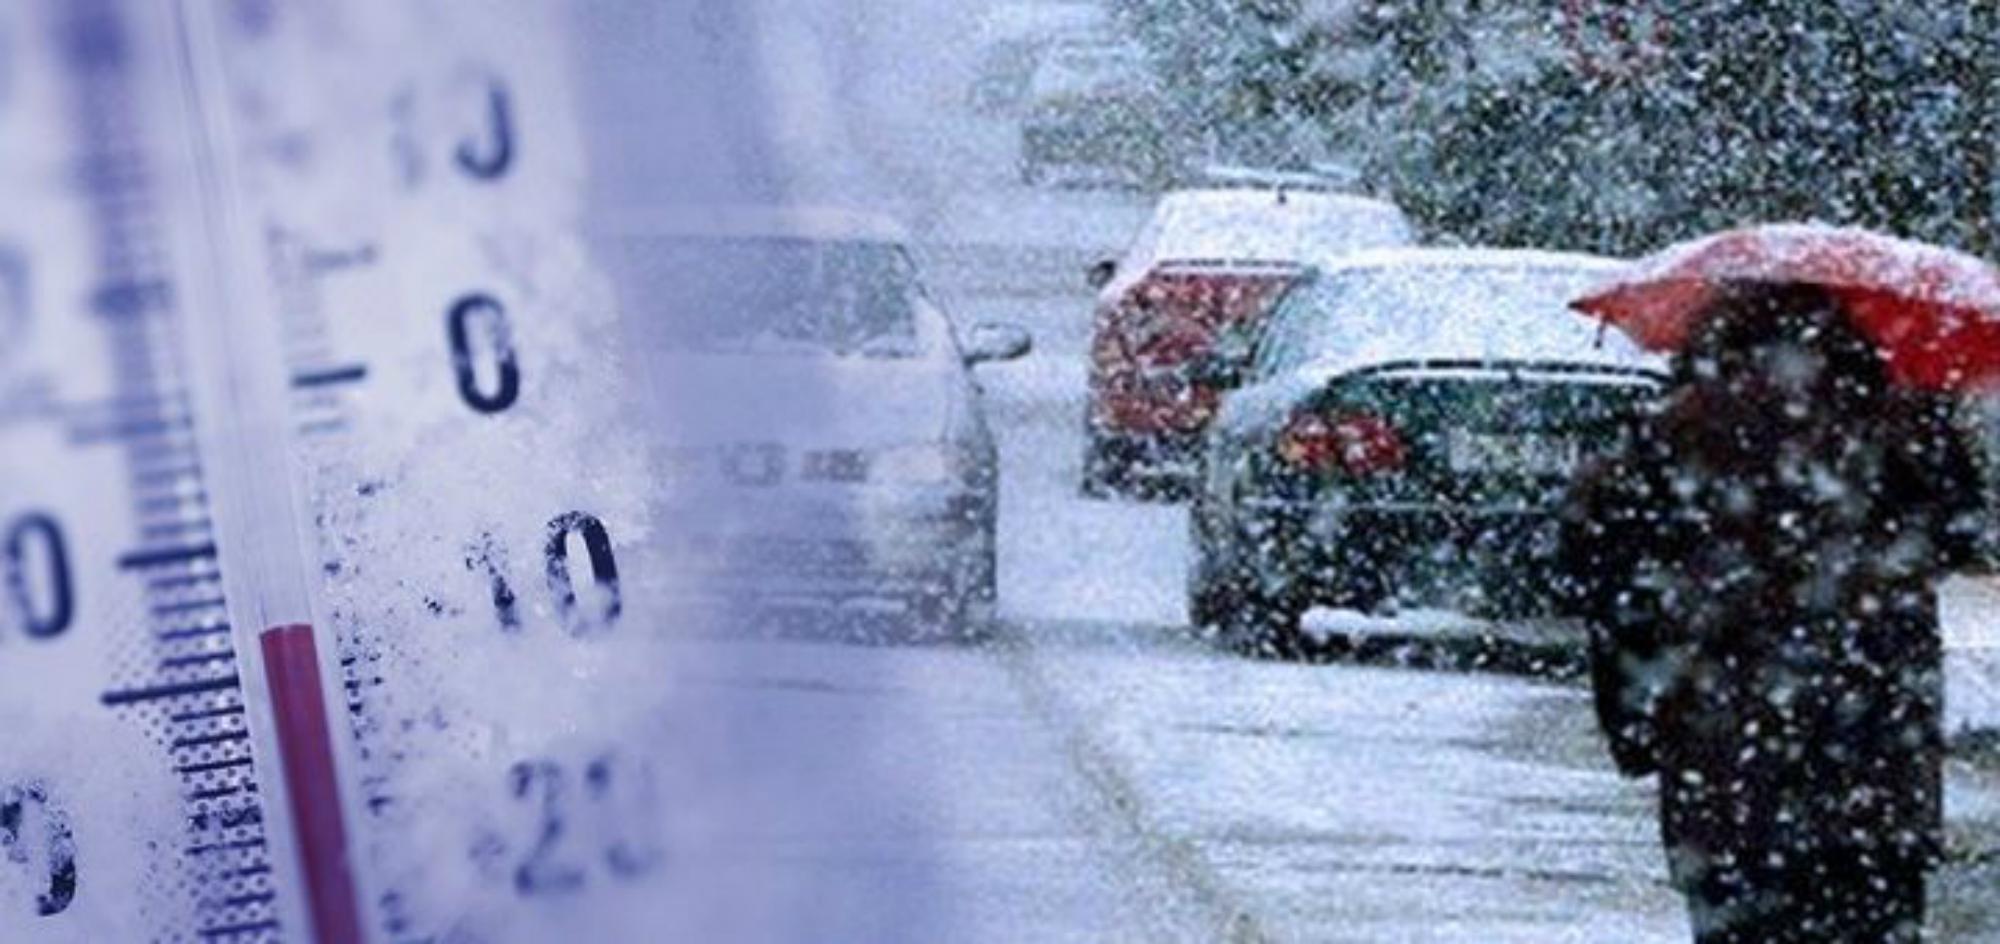 Ψυχρή «εισβολή» από την Τρίτη με μποφόρ, χιόνια και πτώση της θερμοκρασίας